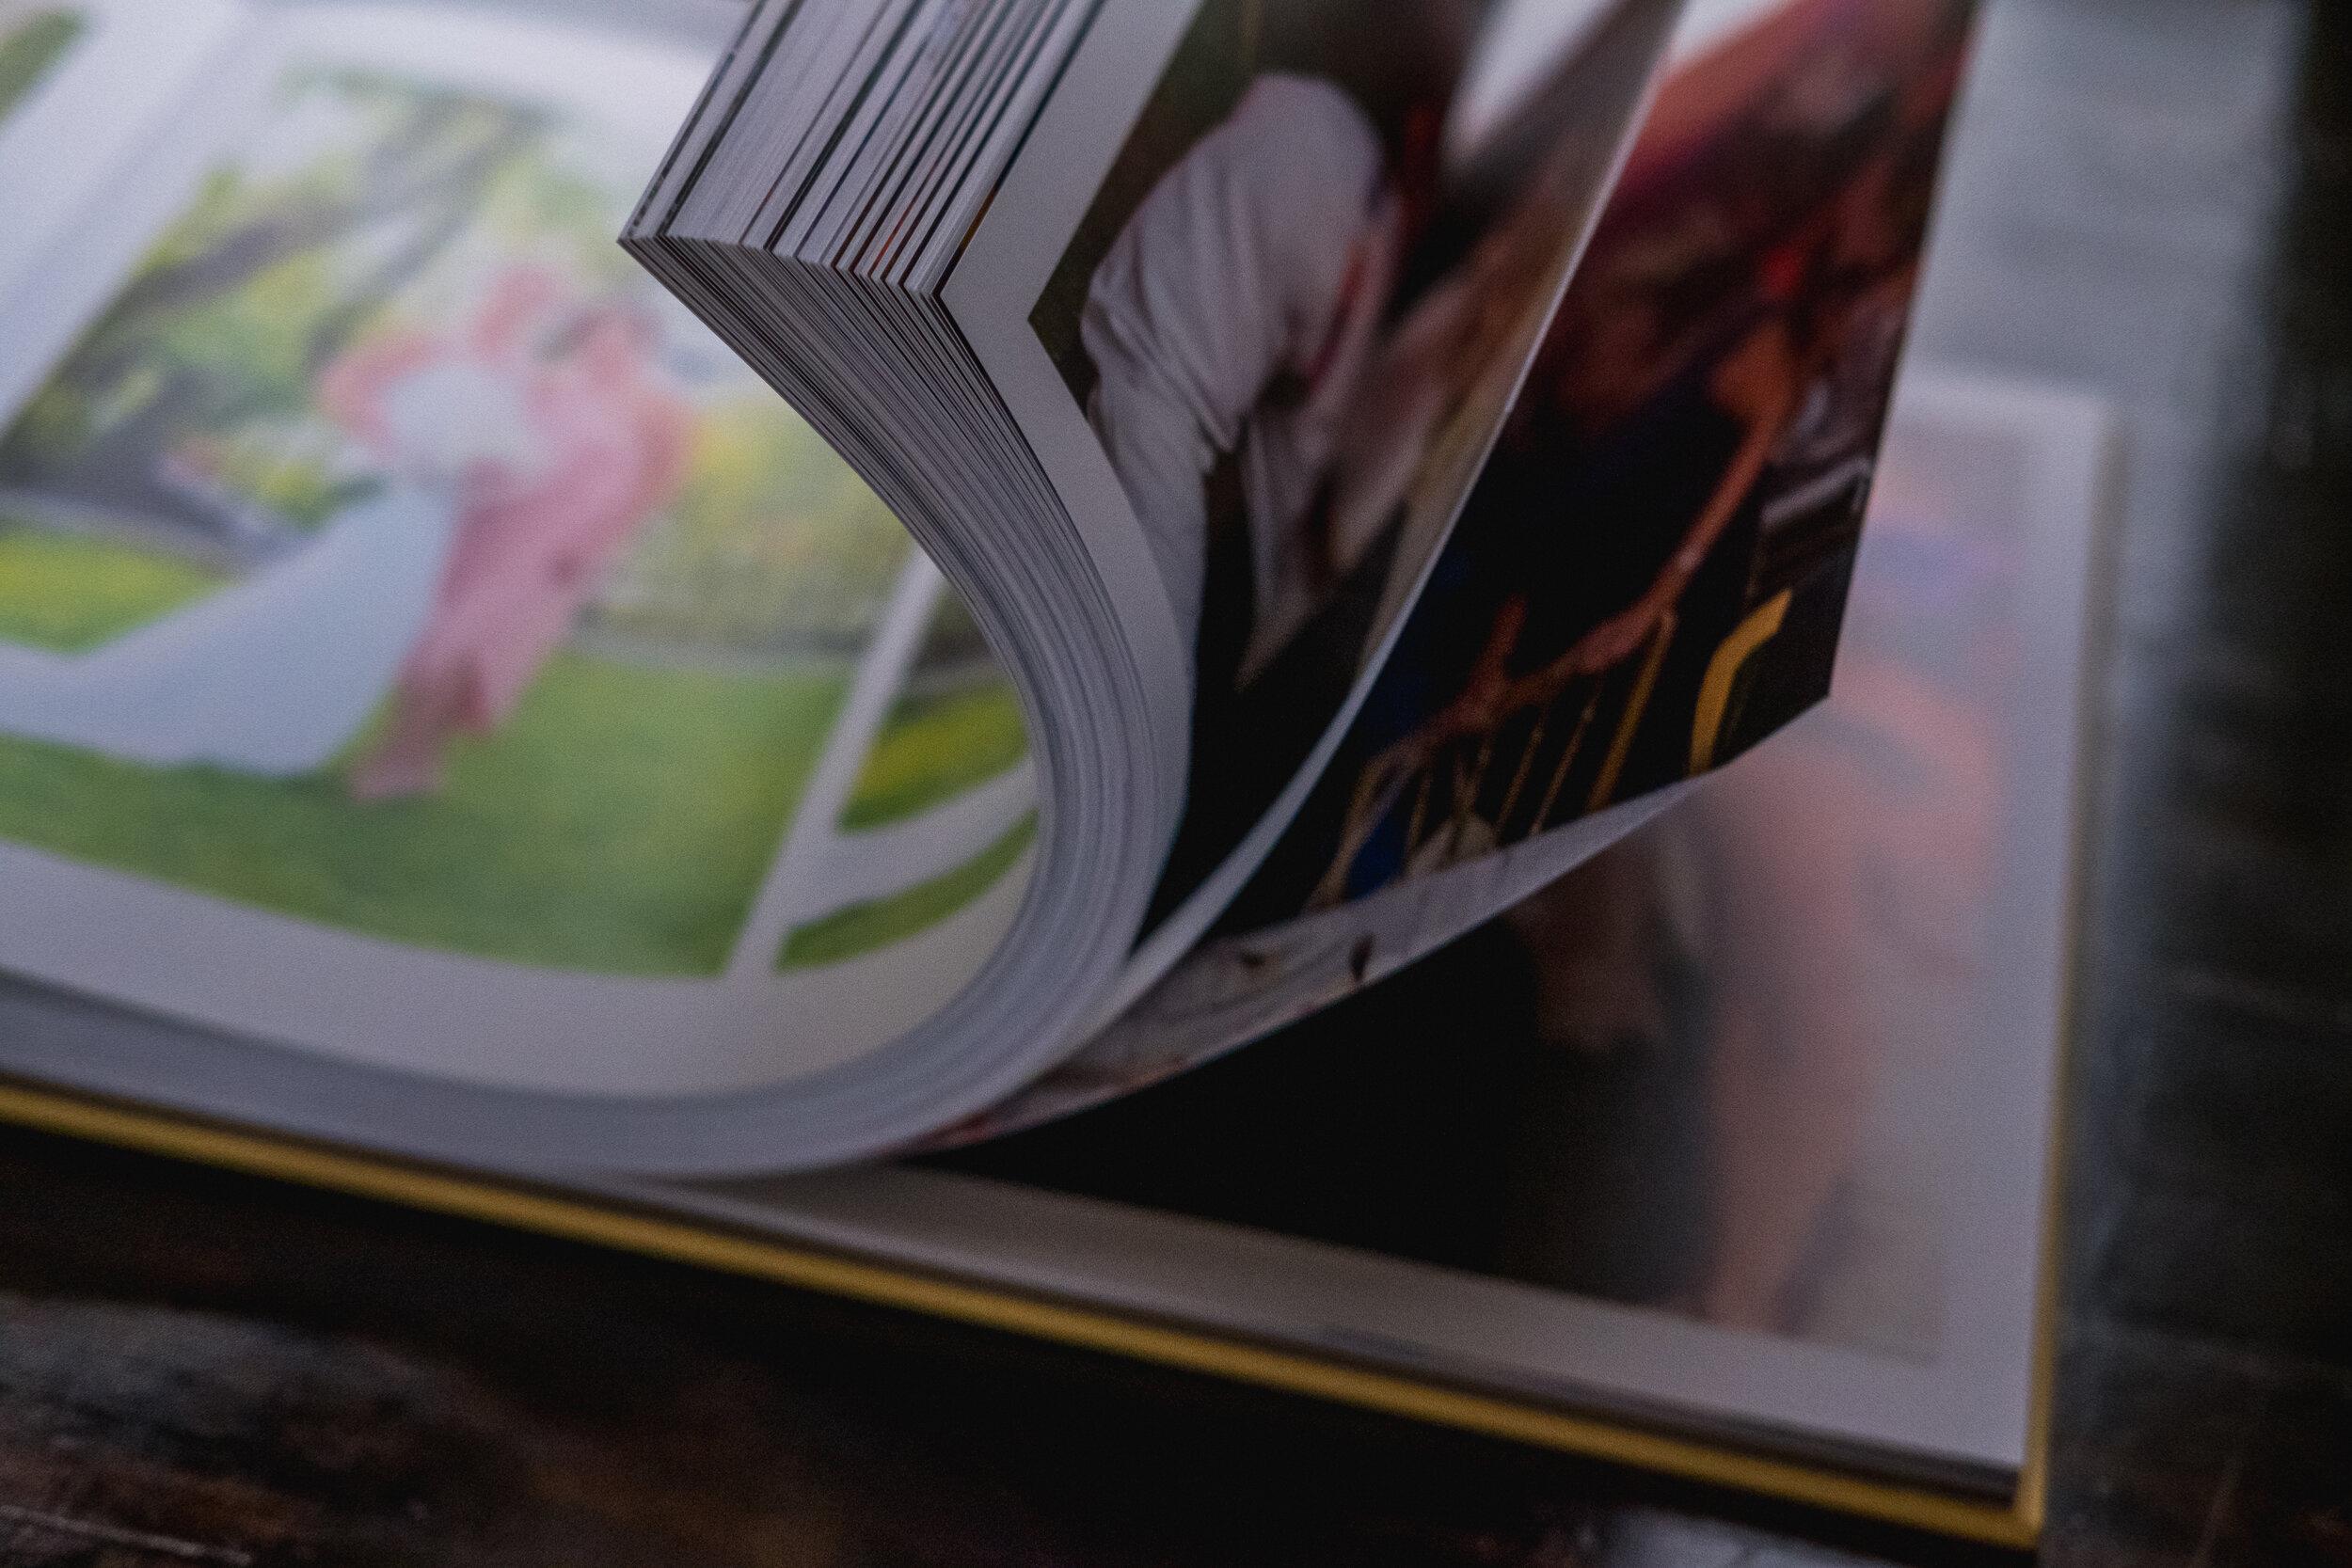 storybook-010.JPG